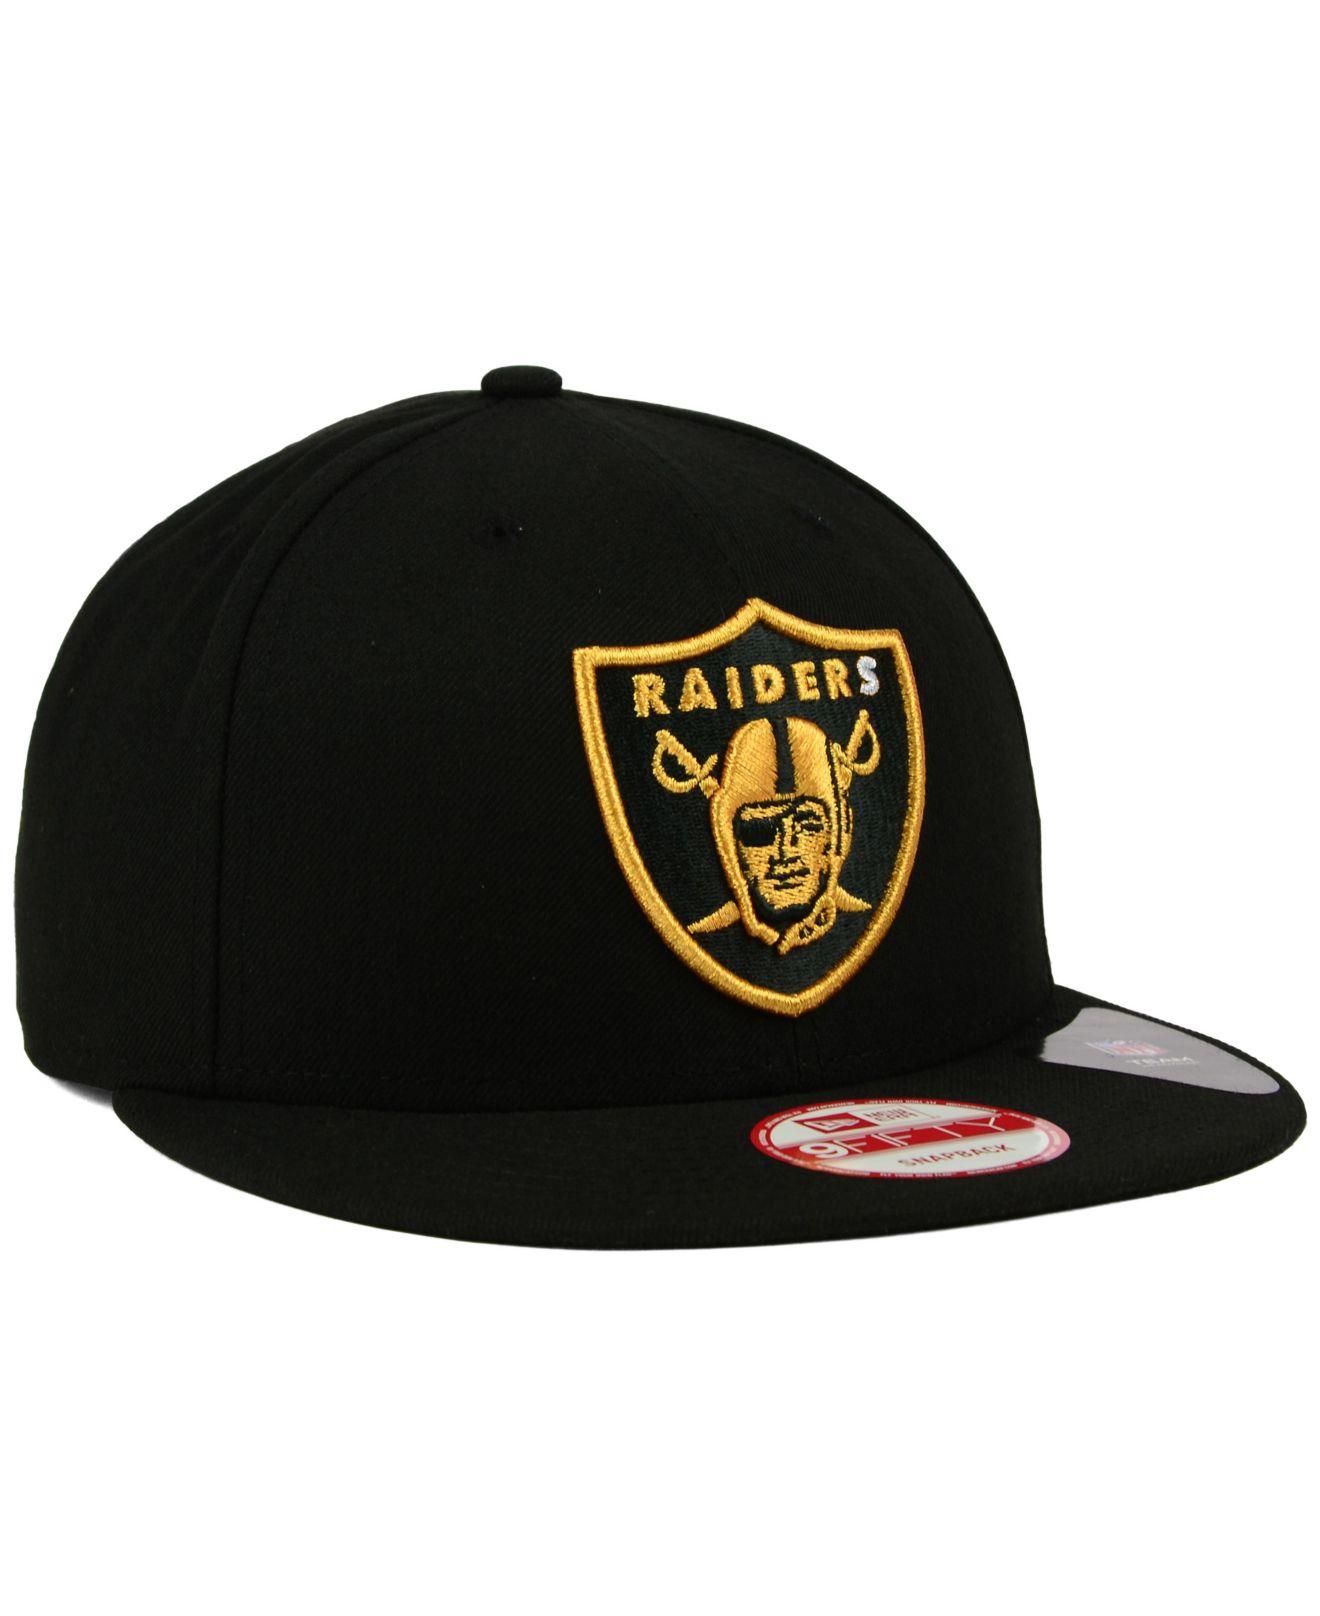 Lyst - KTZ Oakland Raiders Black Metallic Gold 9fifty Snapback Cap ... 42cb3d89a330